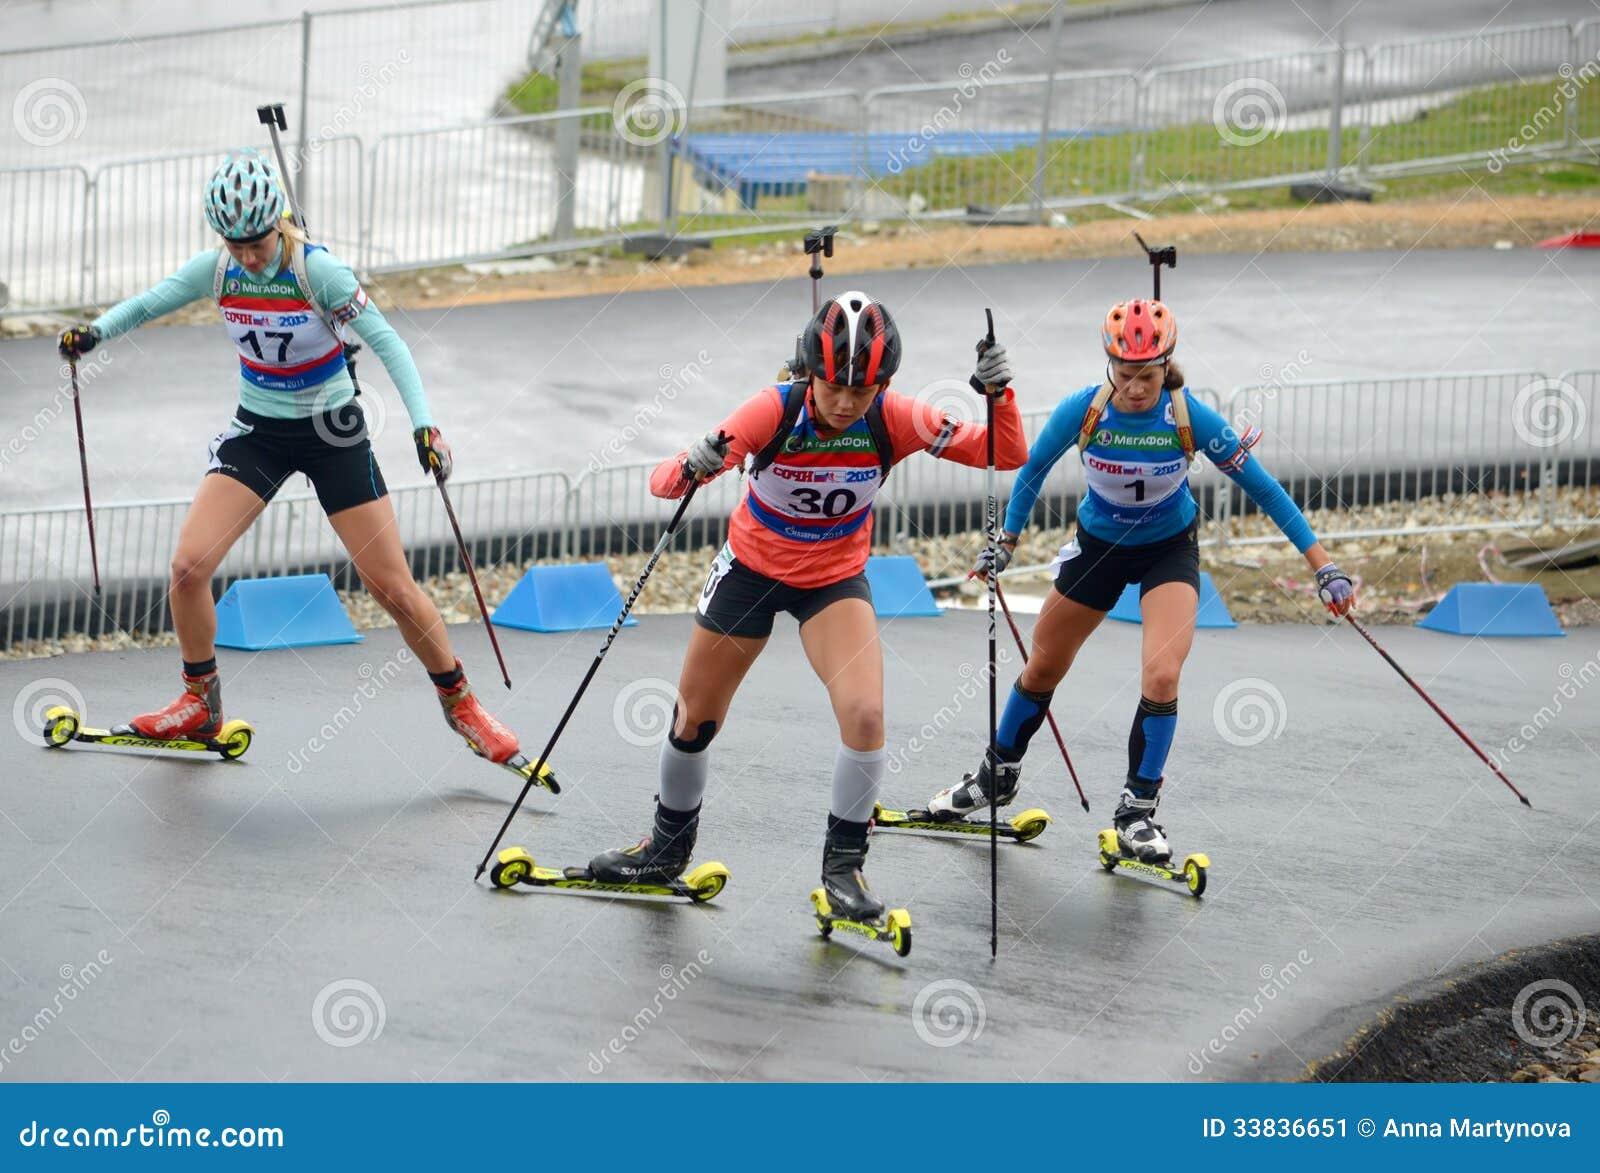 Citaten Zomer Biathlon : Rbu championship of russia in the summer biathlon sochi